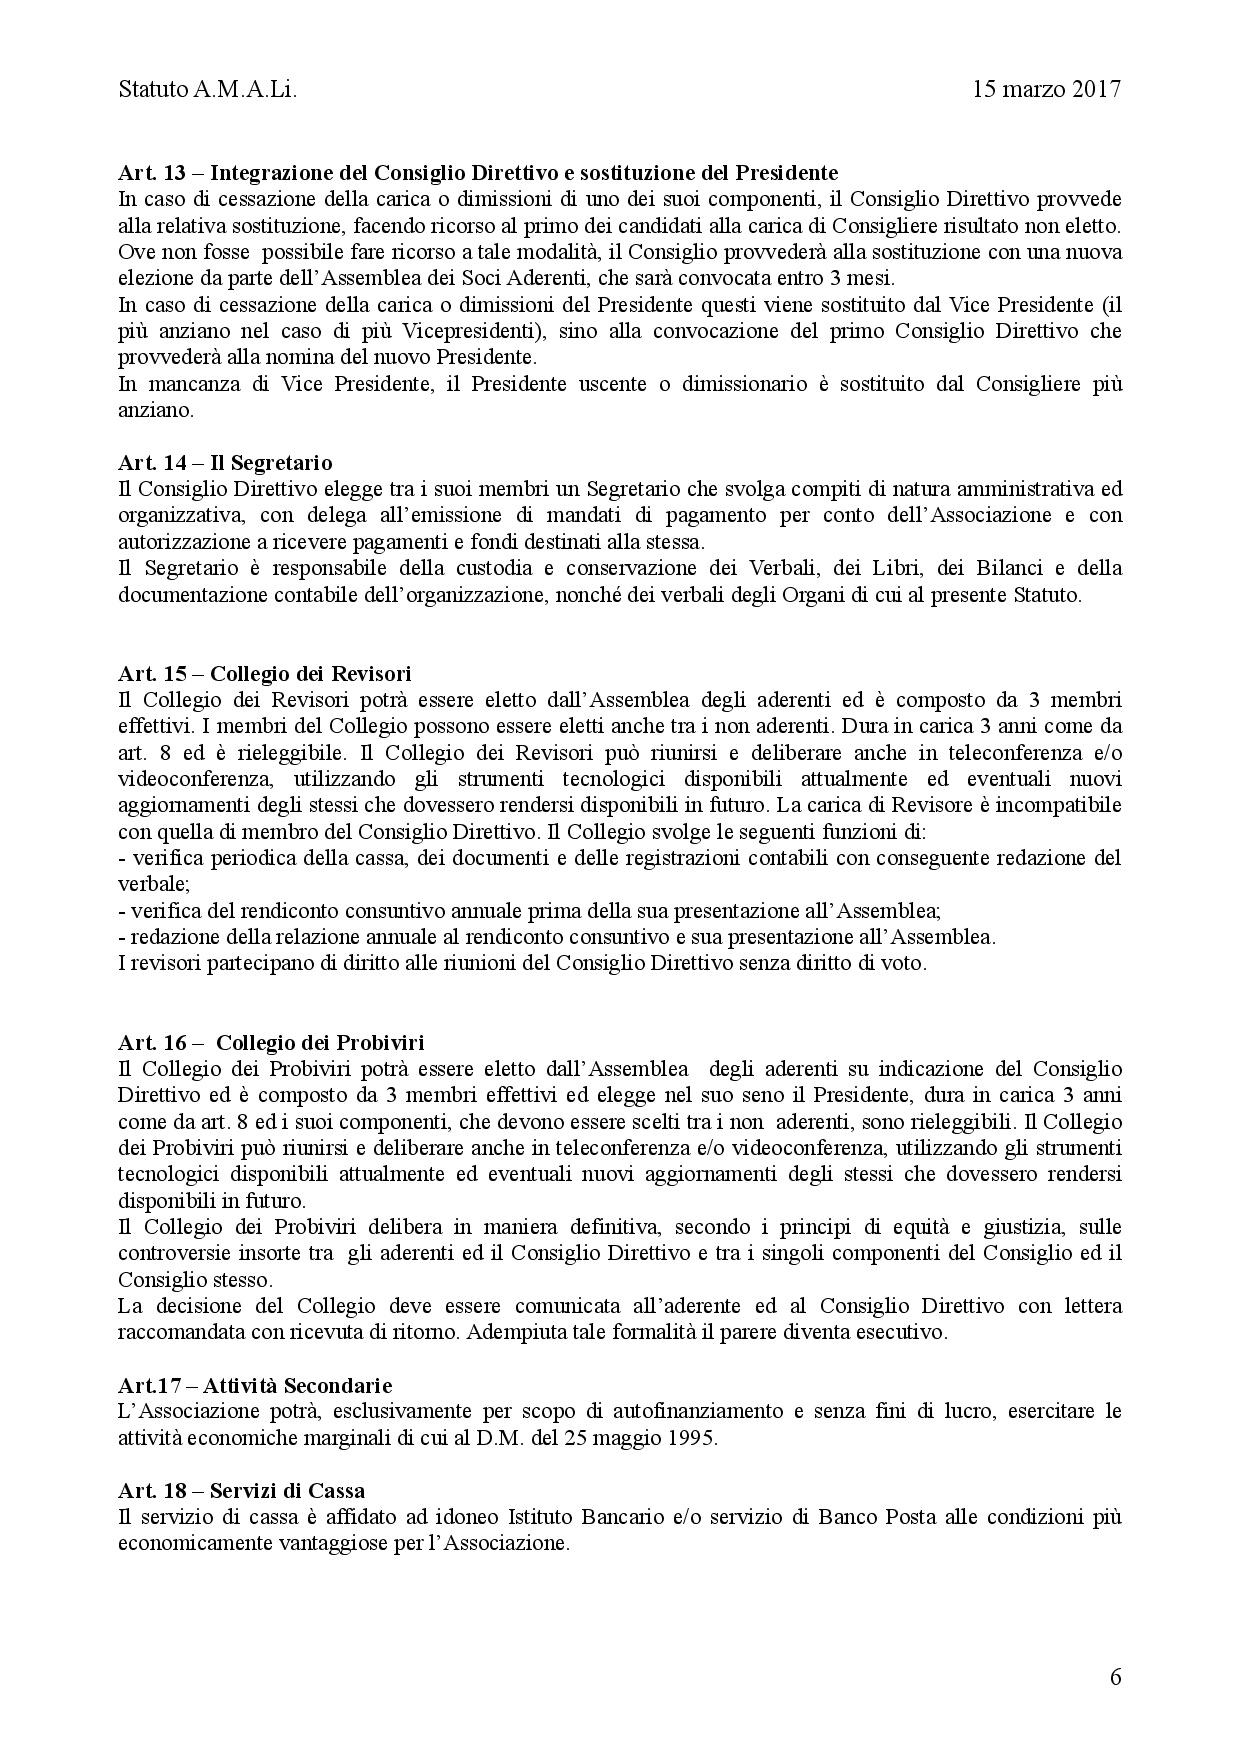 statuto-amali-15-marzo-2017-006